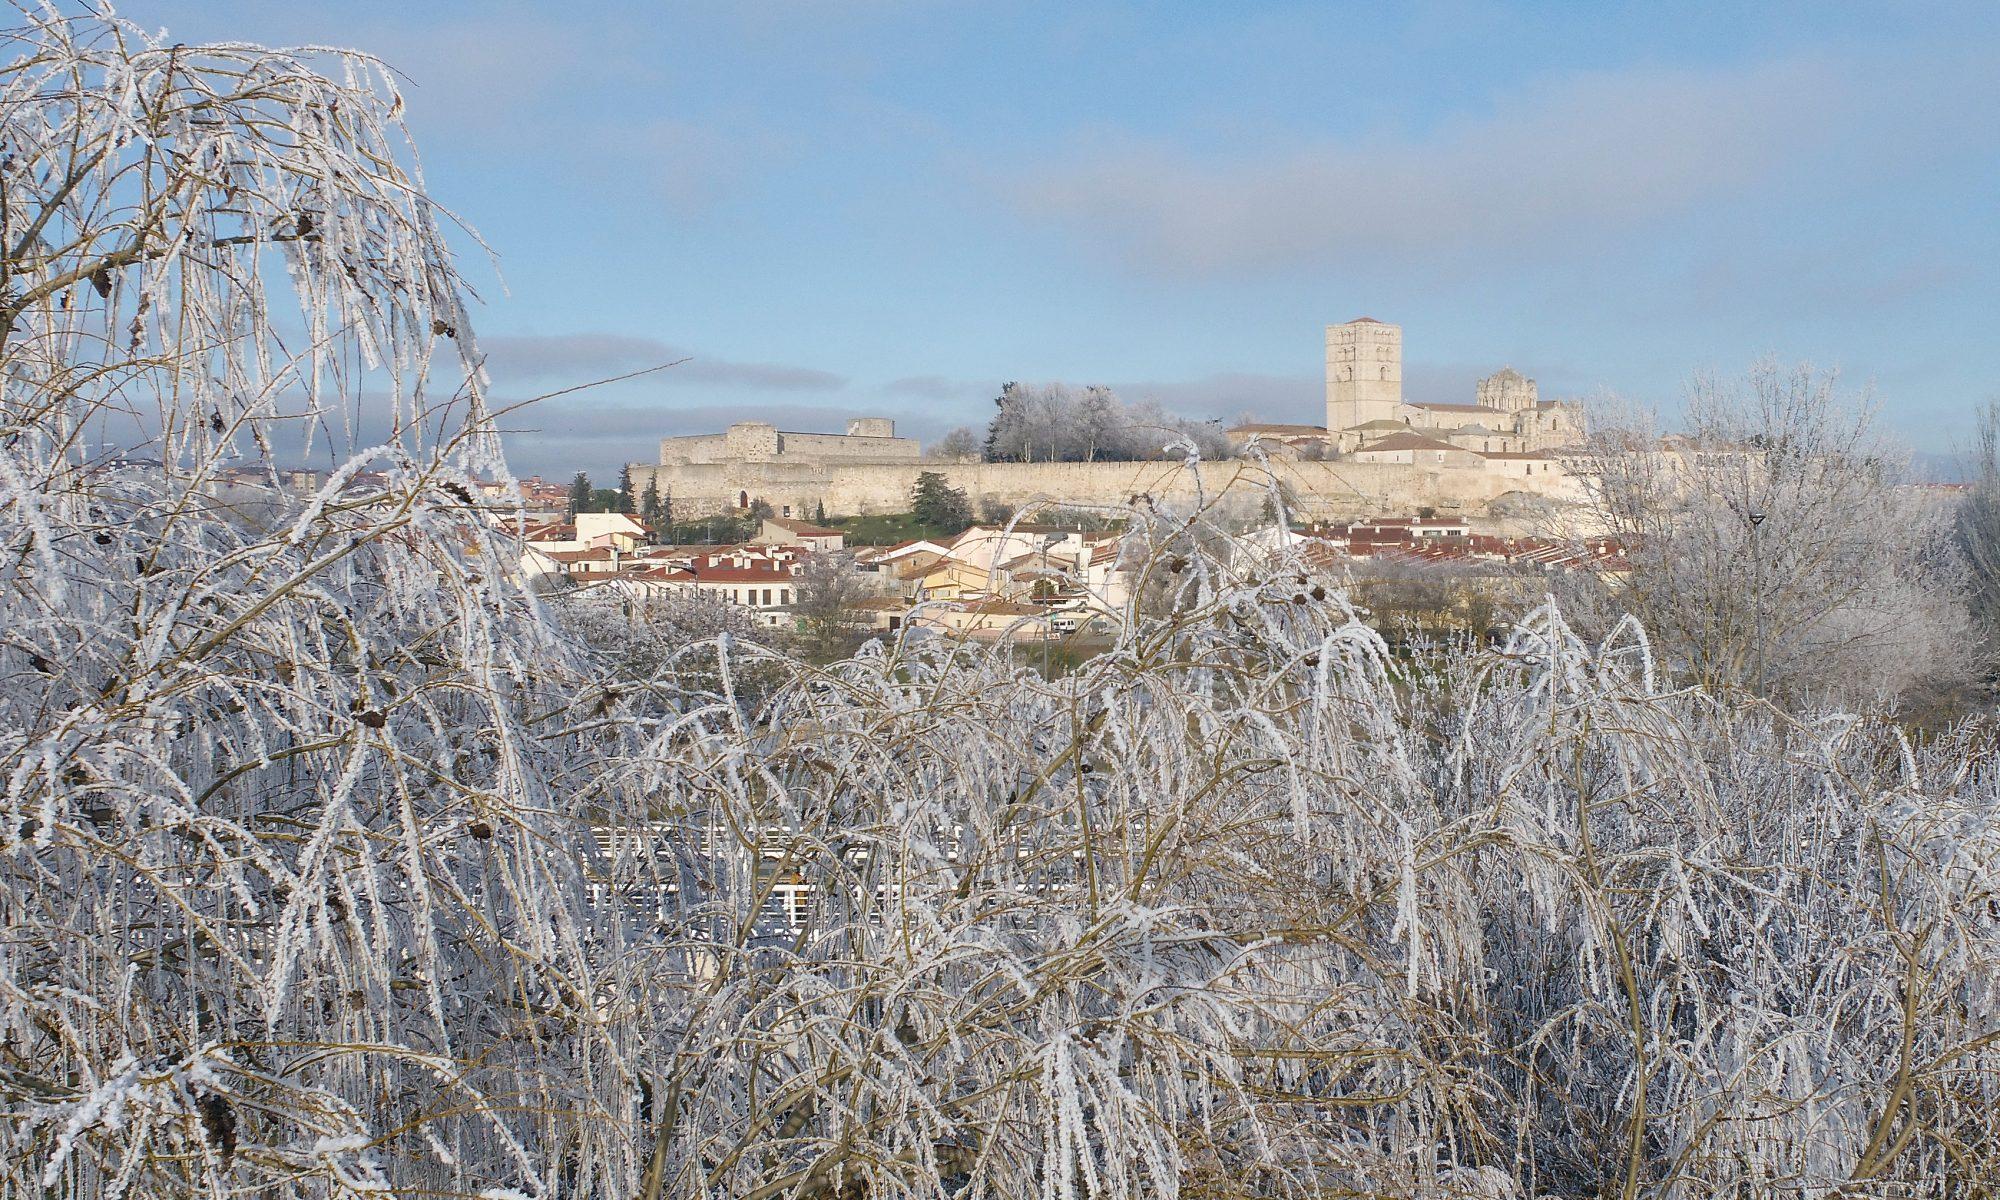 Cencellada en Zamora con Castillo y Catedral al fondo